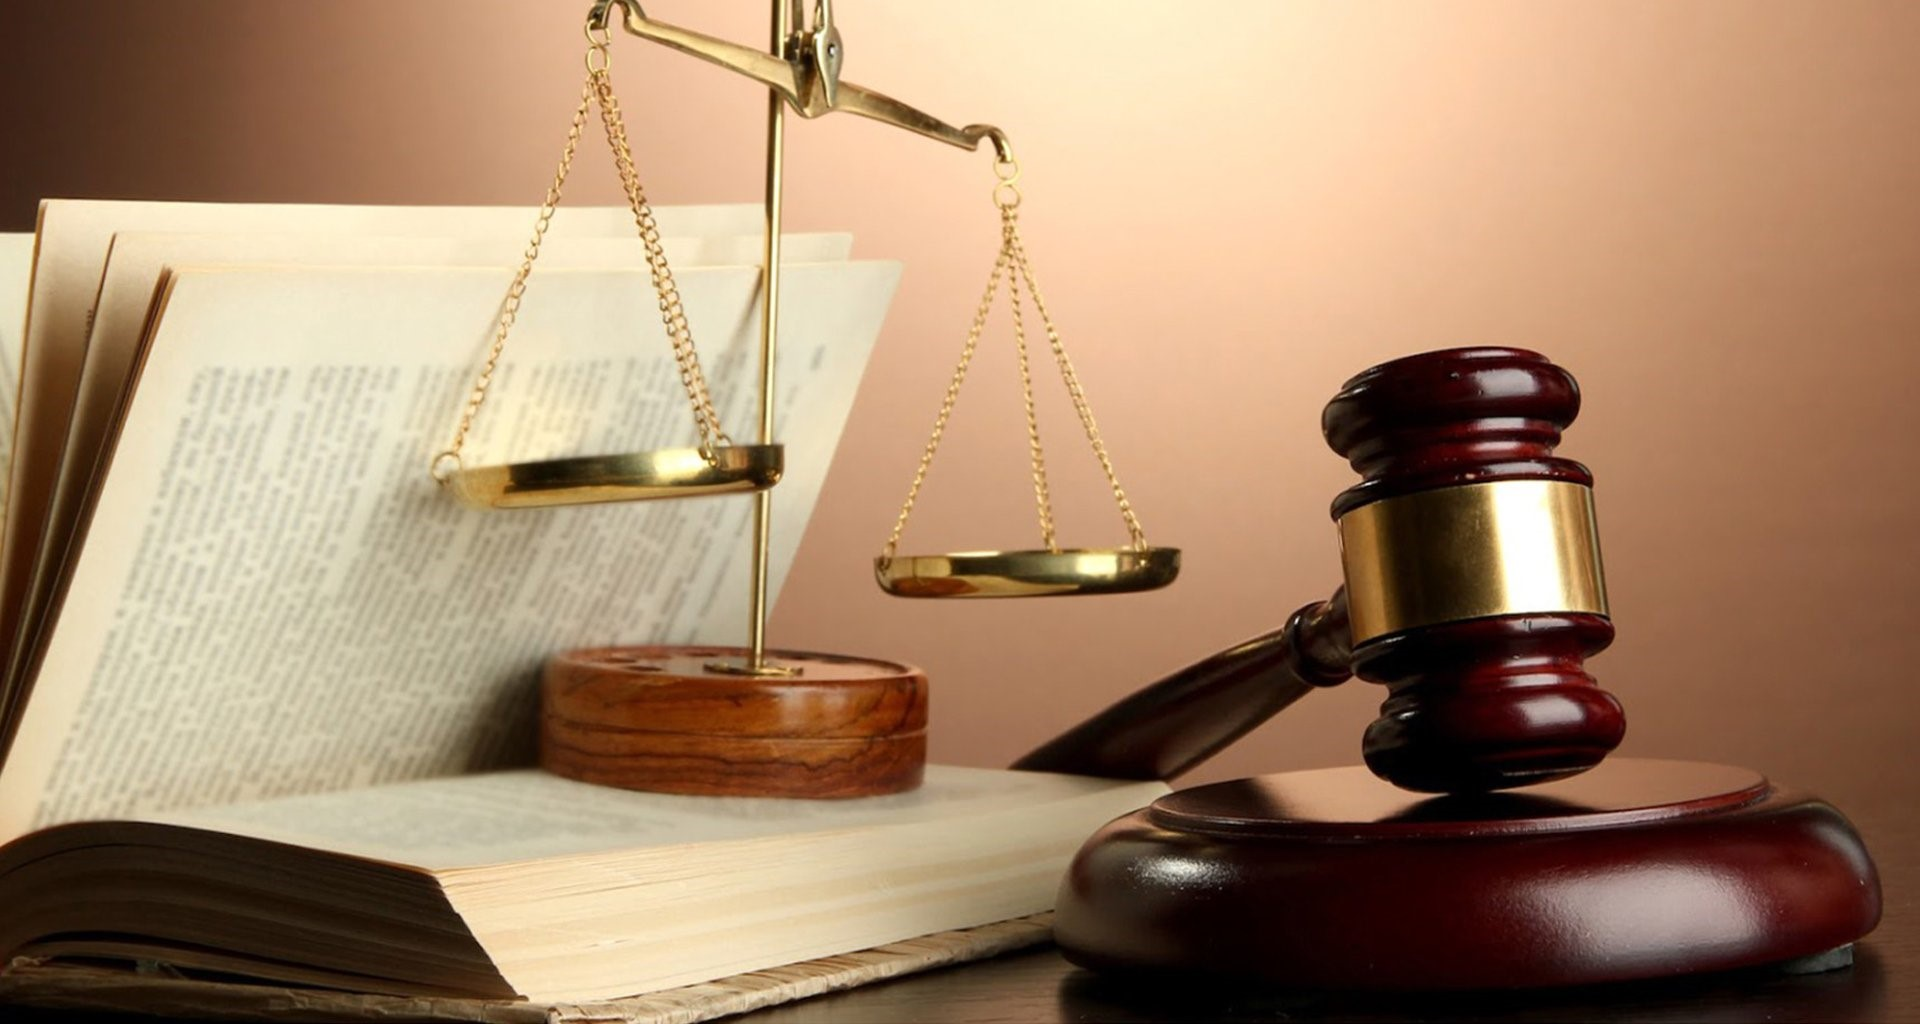 تفاوت دفتر وکالت با موسسات حقوقی چیست؟